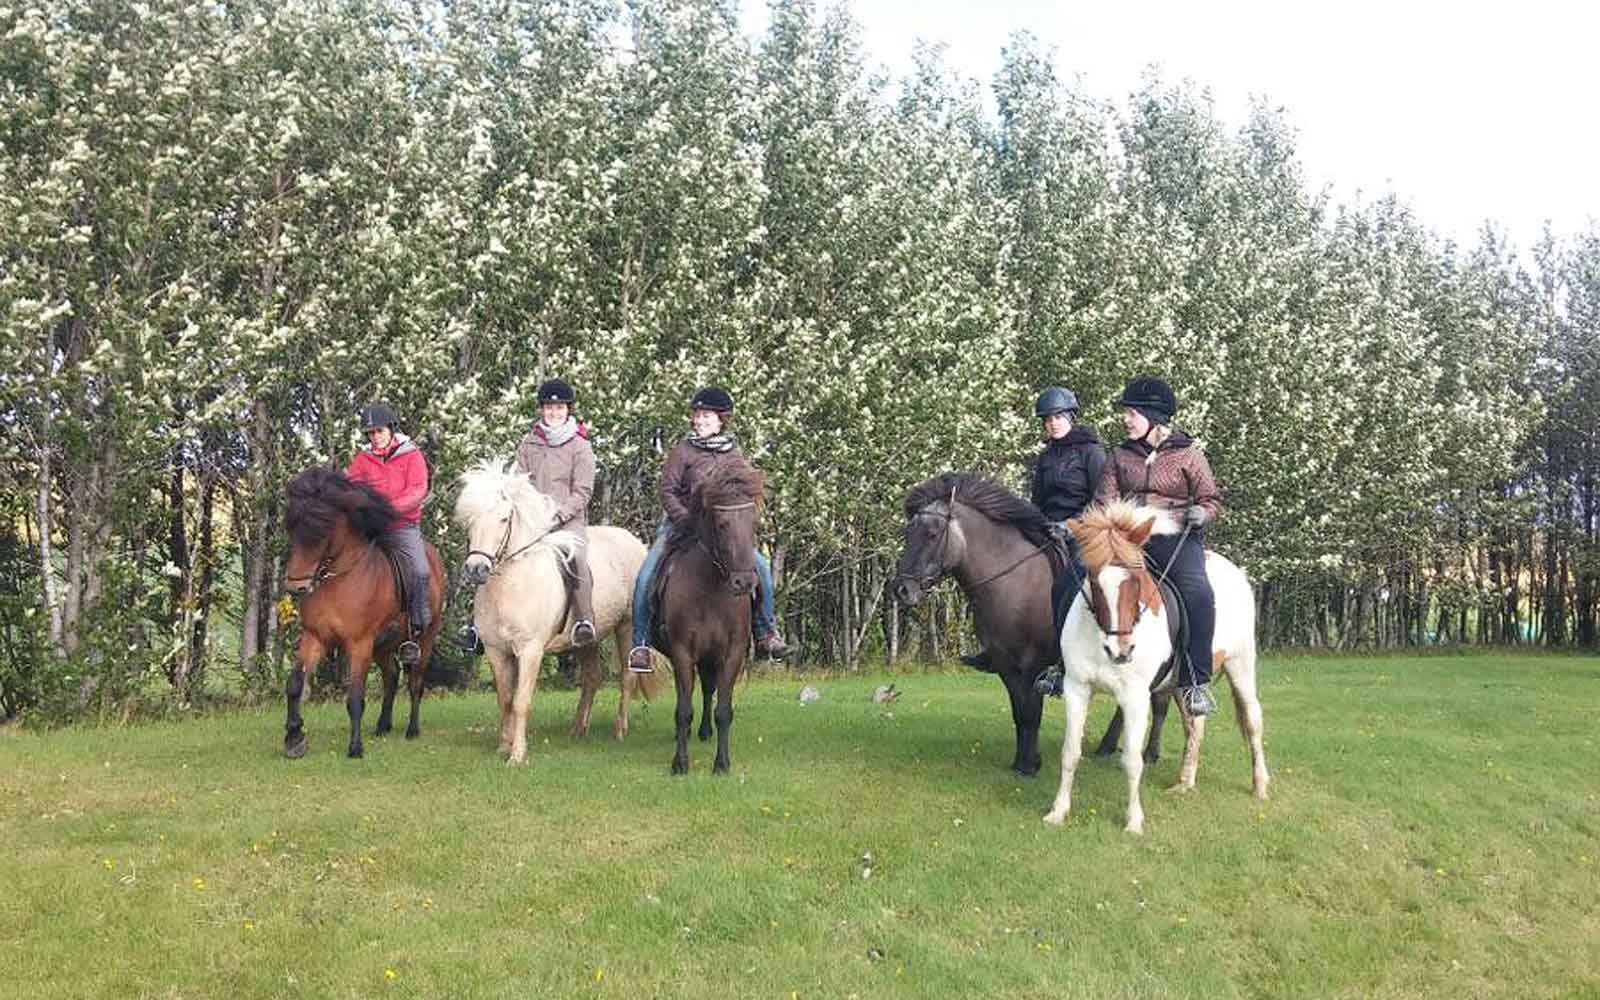 Eine Gruppe von Mädchen bei einem Ausritt mit Island-Pferden